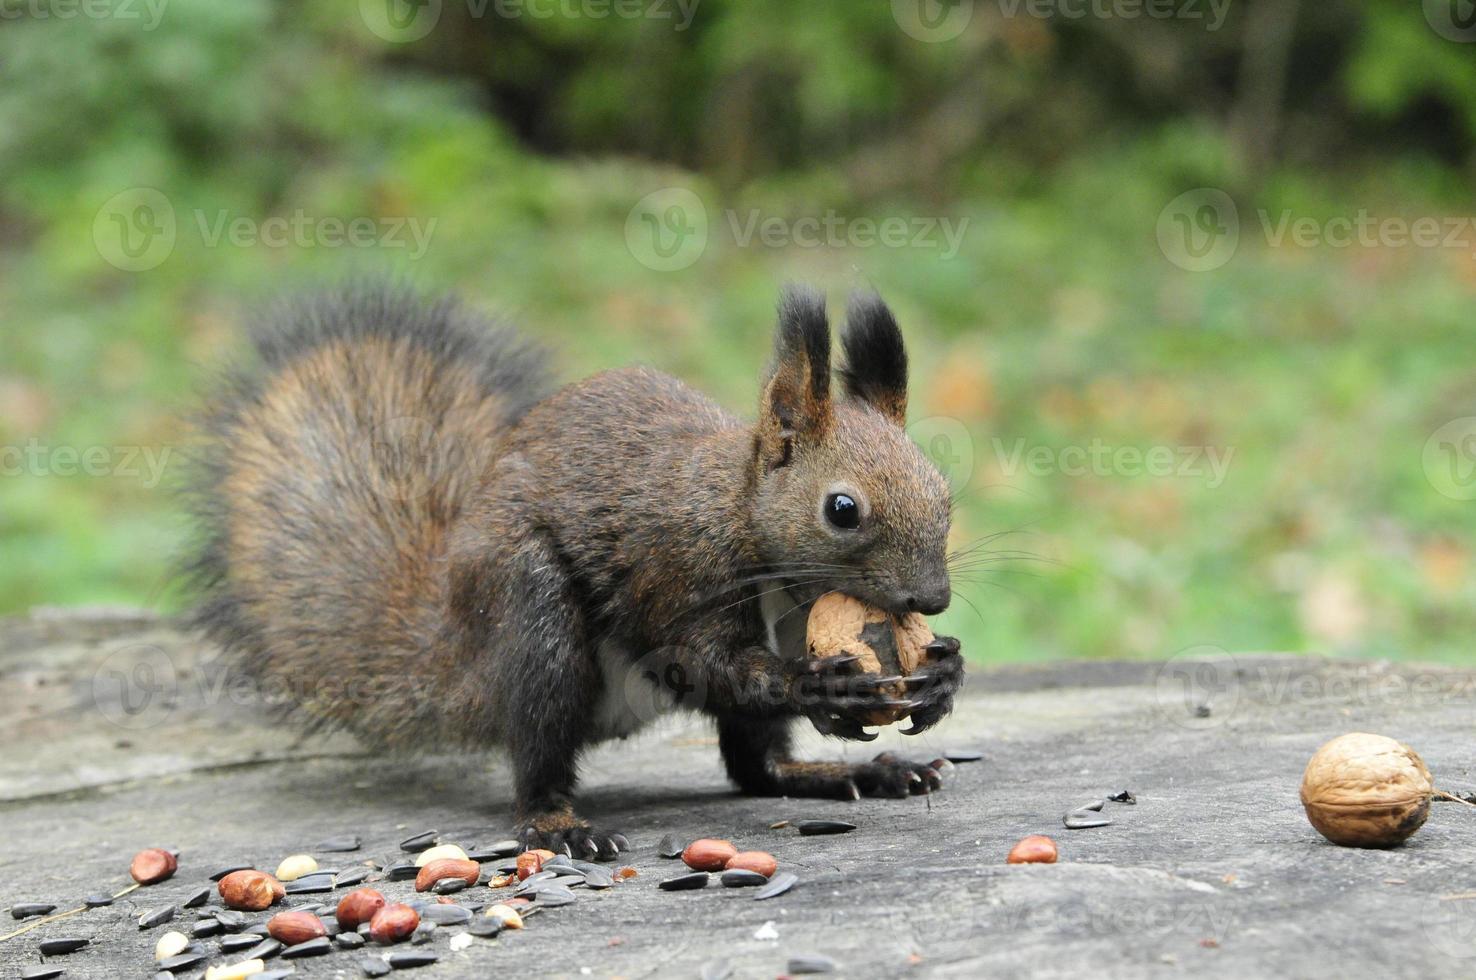 dunkelbraunes Eichhörnchen. Eichhörnchen. foto